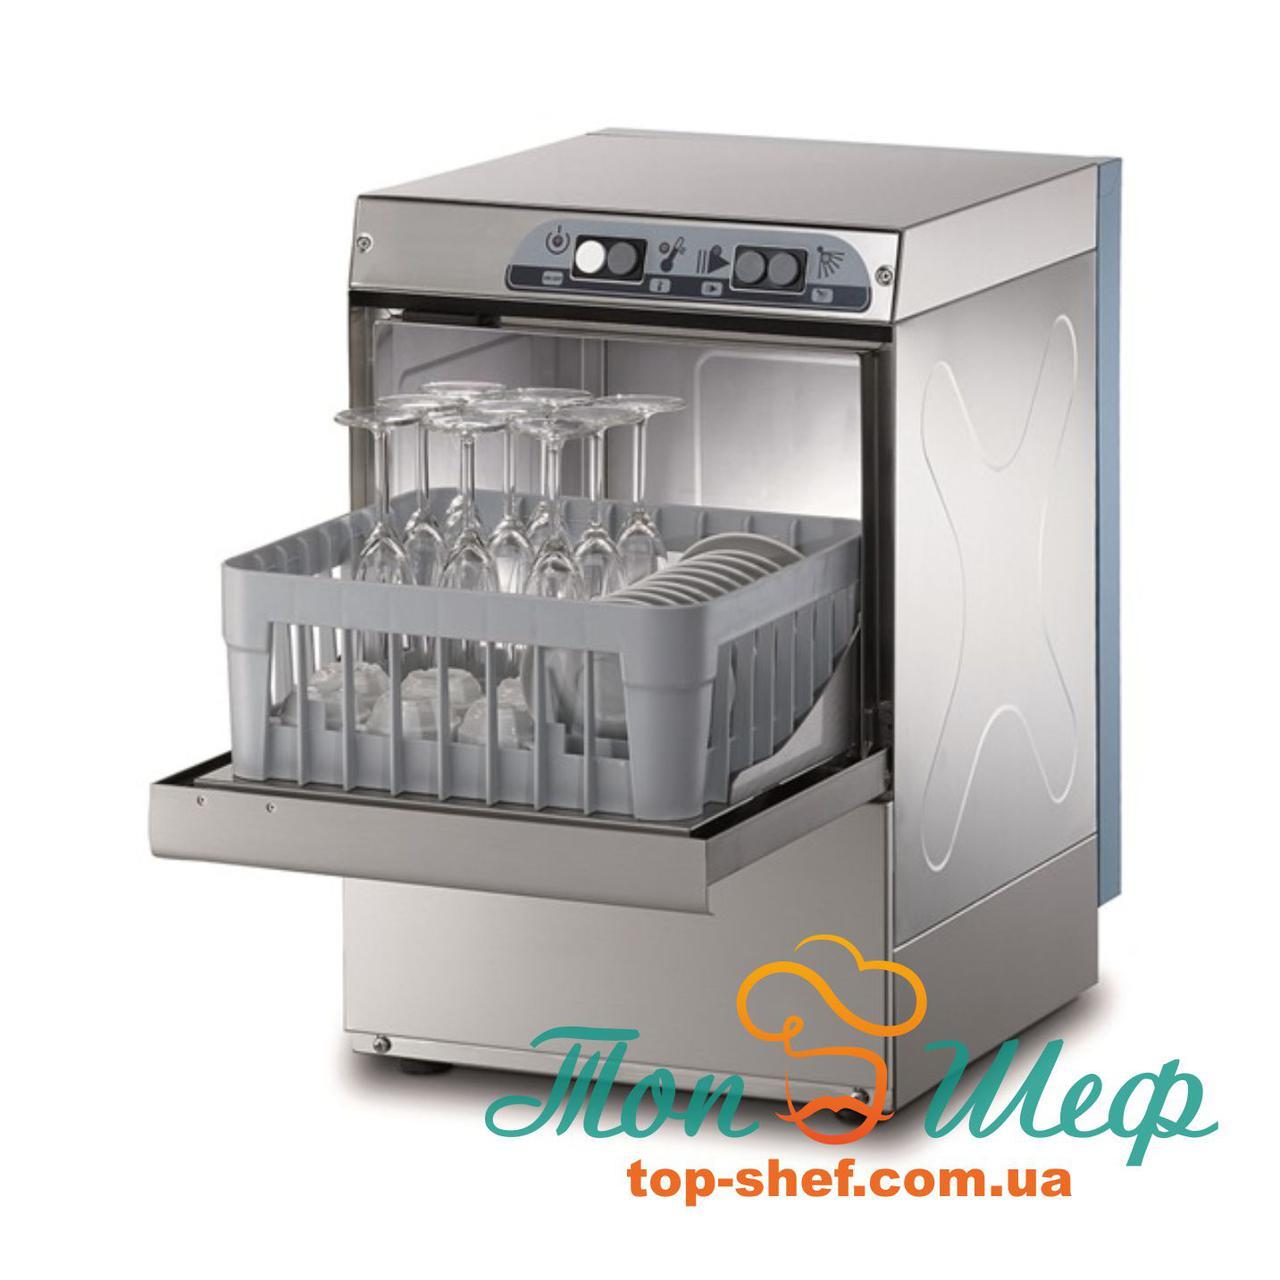 Посудомоечная машина Compack G 3520